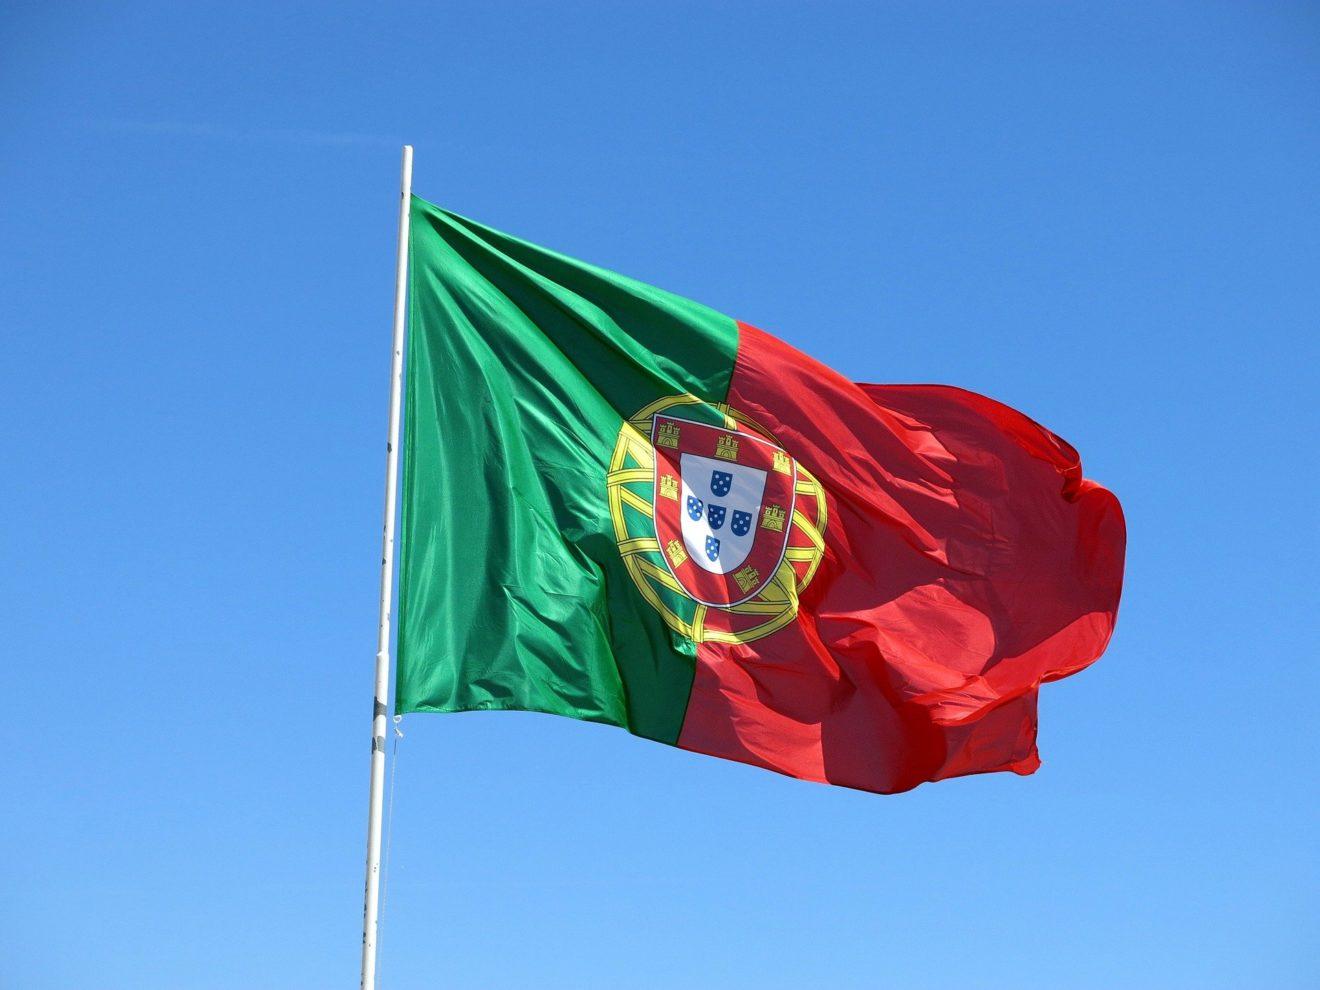 La présidence portugaise du Conseil de l'UE sera-t-elle une présidence sociale?